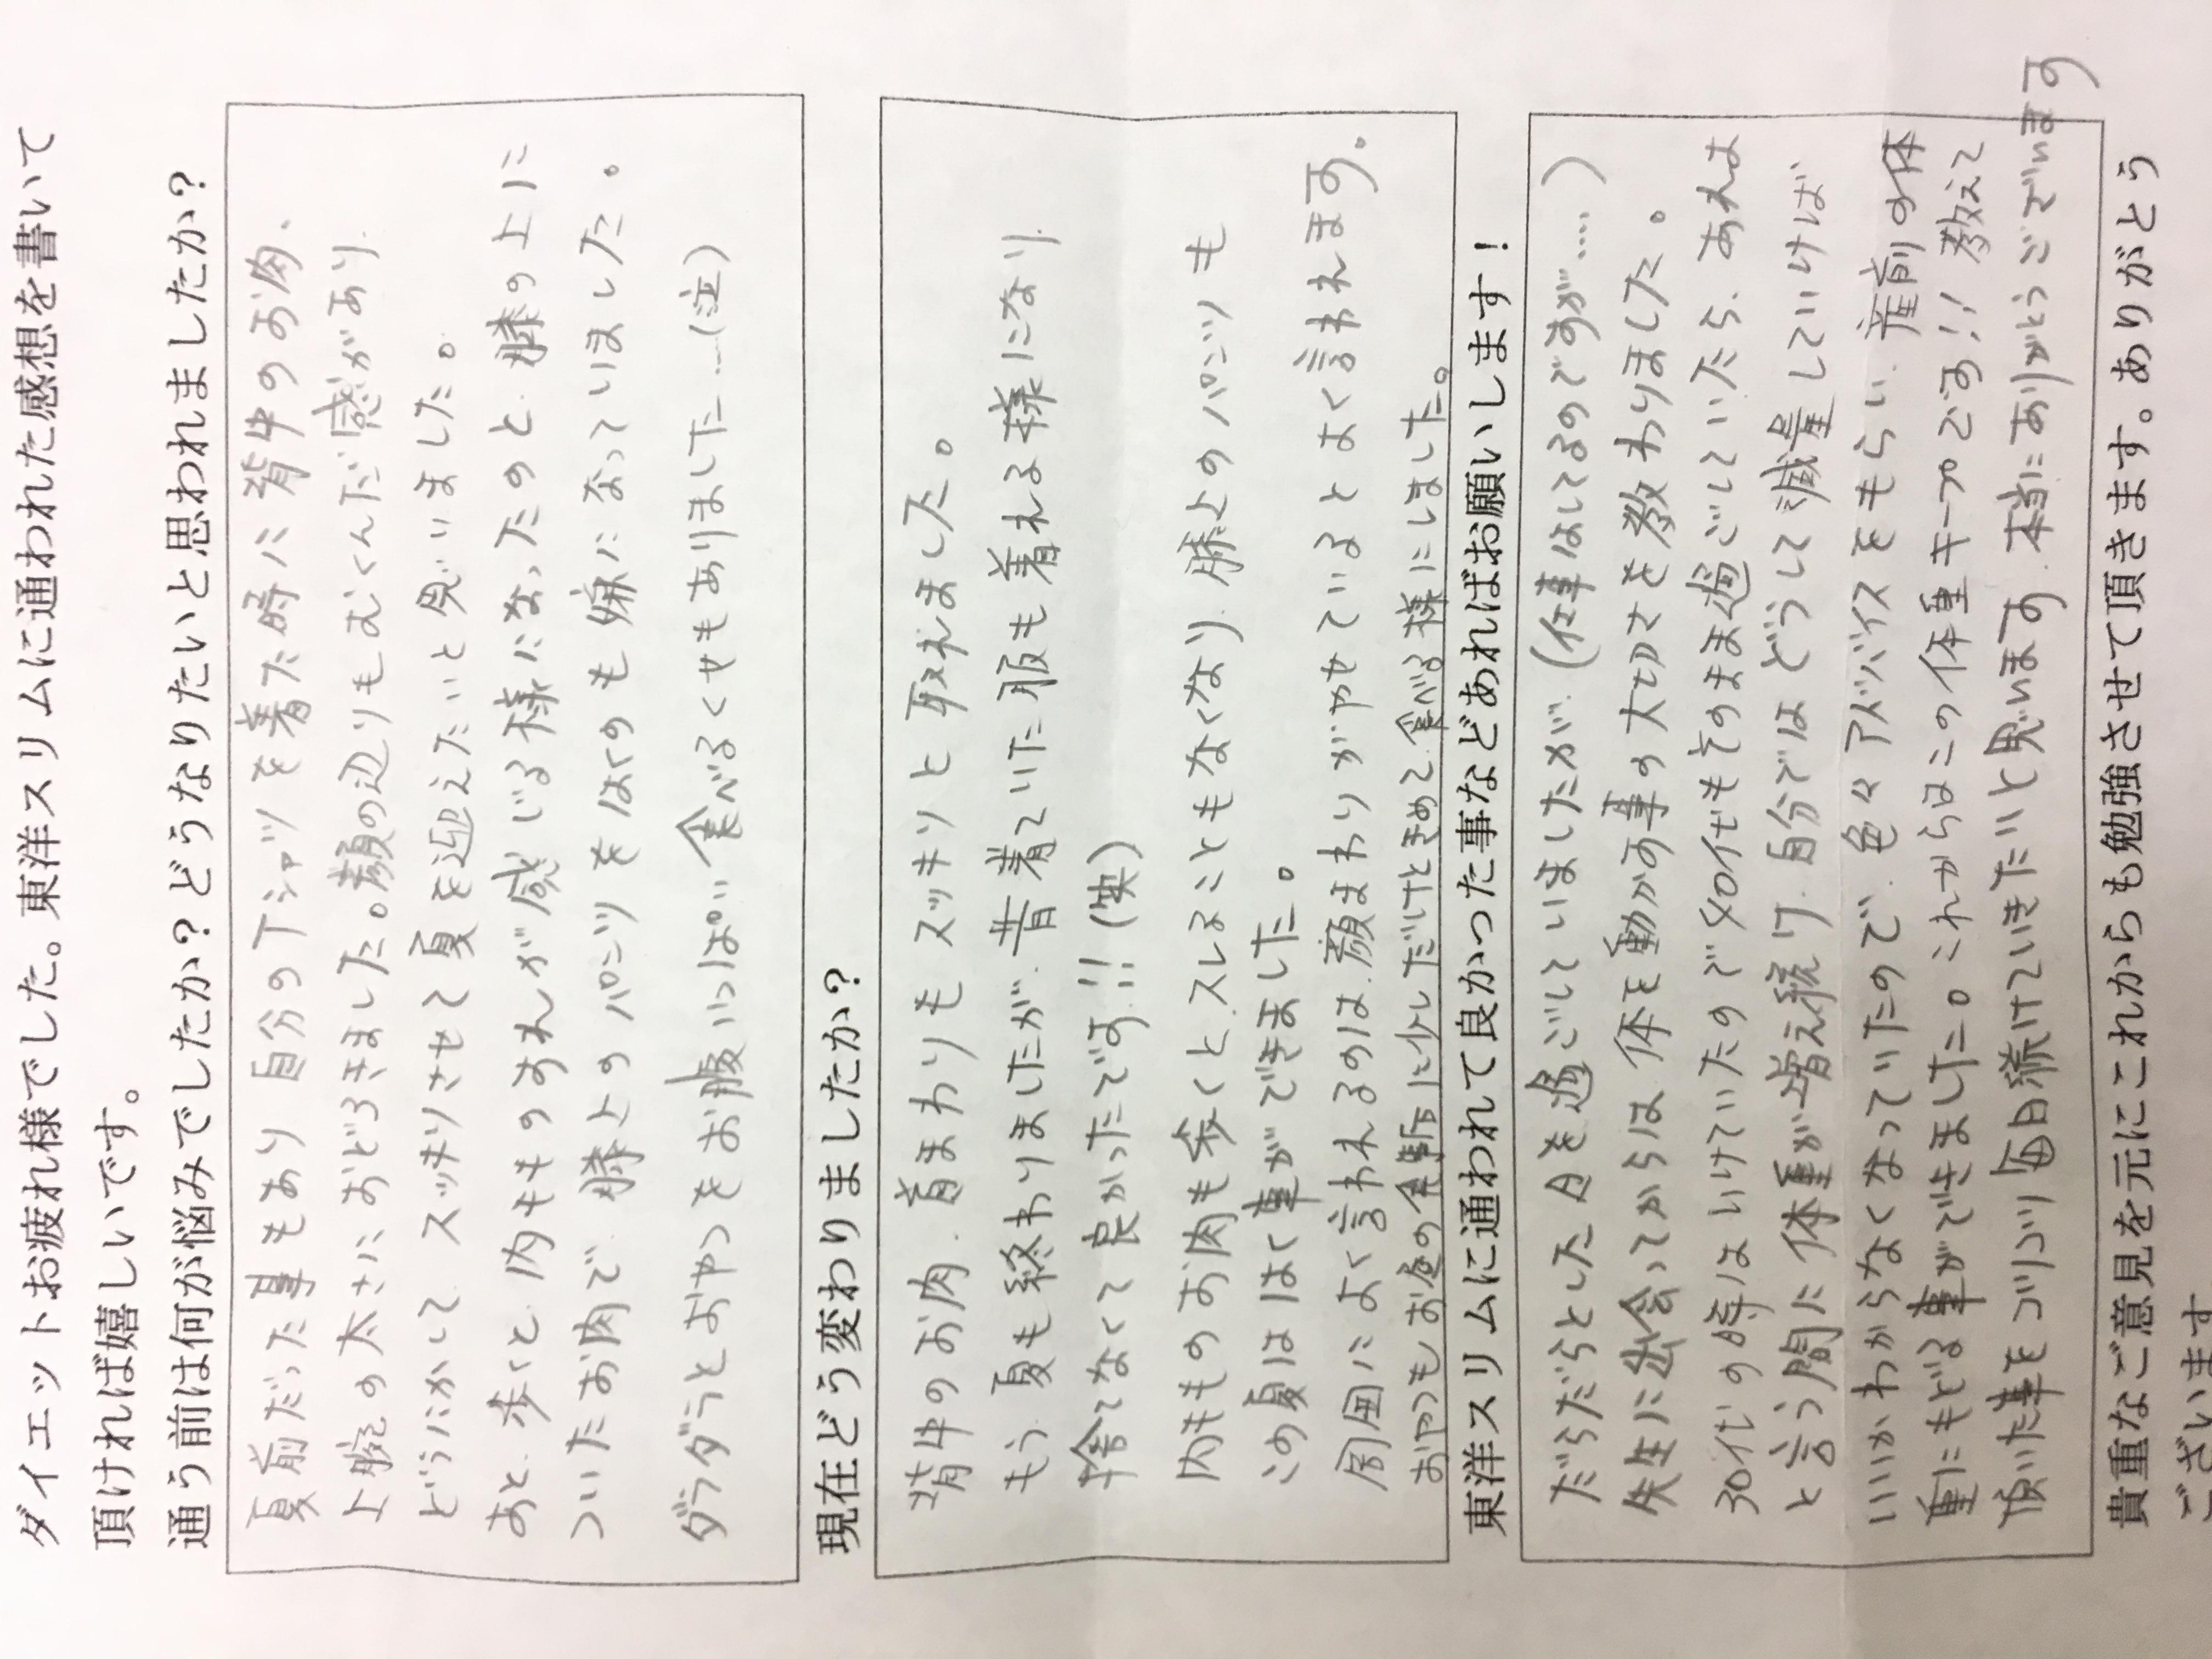 大阪狭山市Hさん44才耳つぼダイエットー5kg成功 体脂肪率22%代に